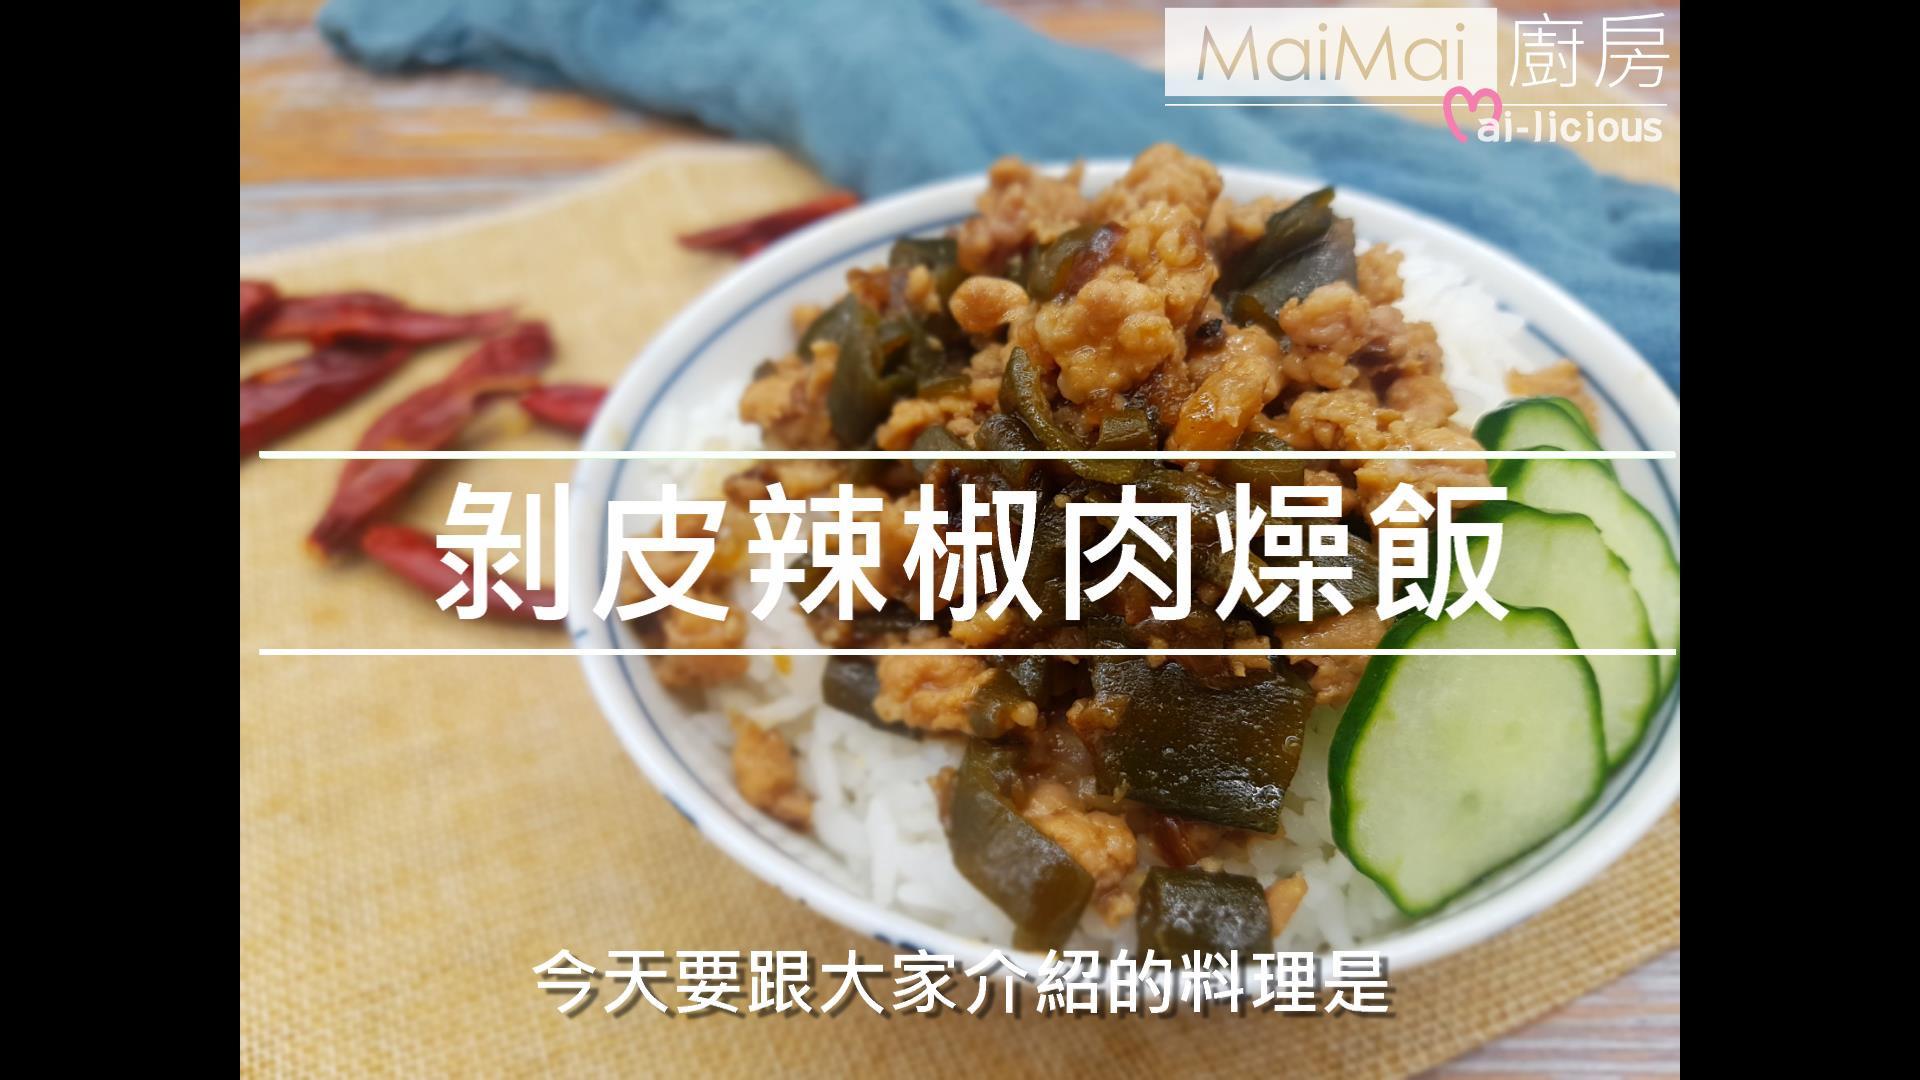 剝皮辣椒肉燥飯【MaiMai廚房】